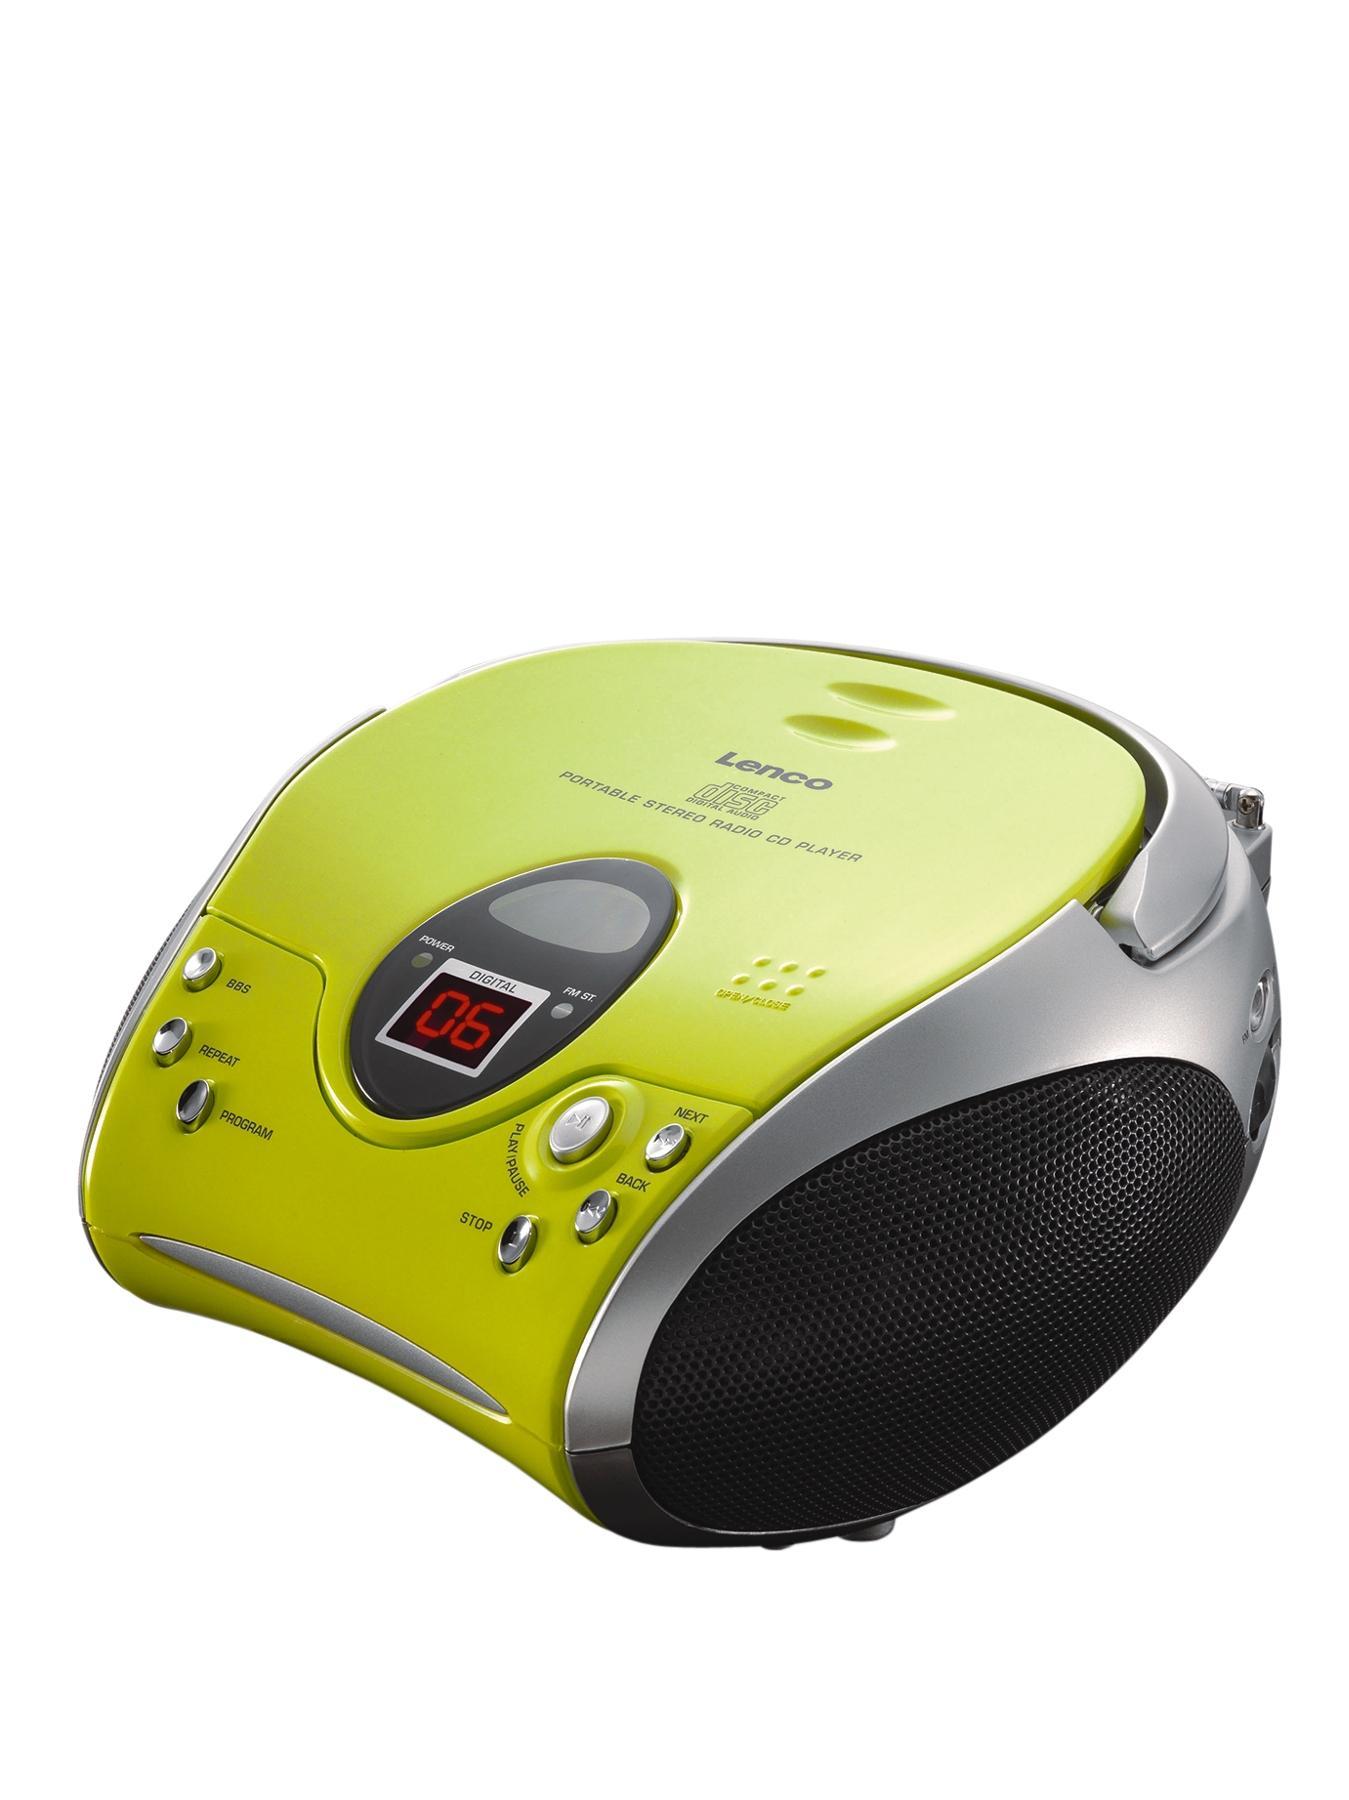 Lenco Portable Cd Player- Green